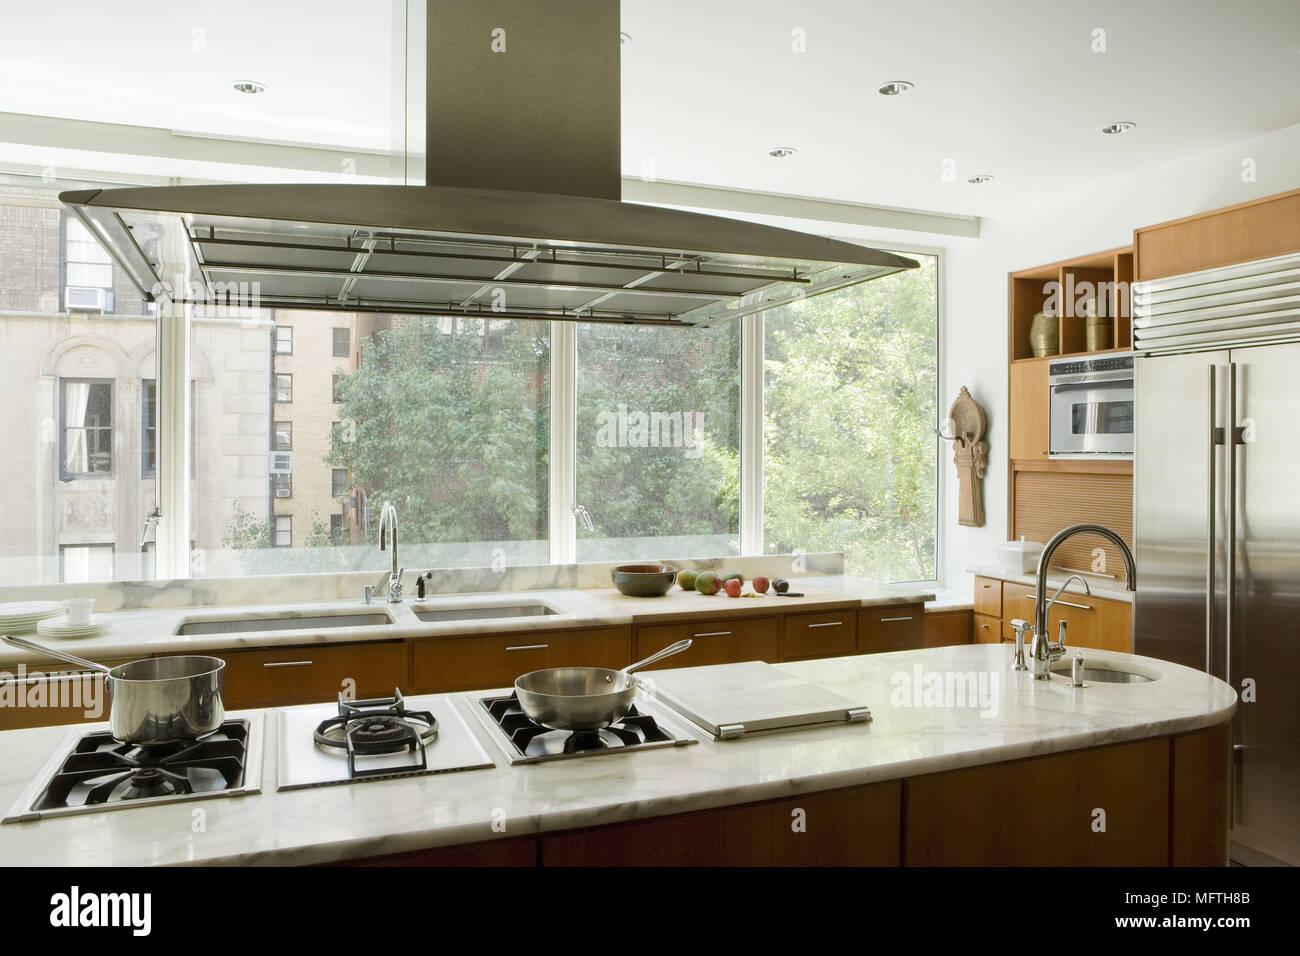 Abzugshaube über dem Gasherd in Insel Einheit in der modernen Küche ...